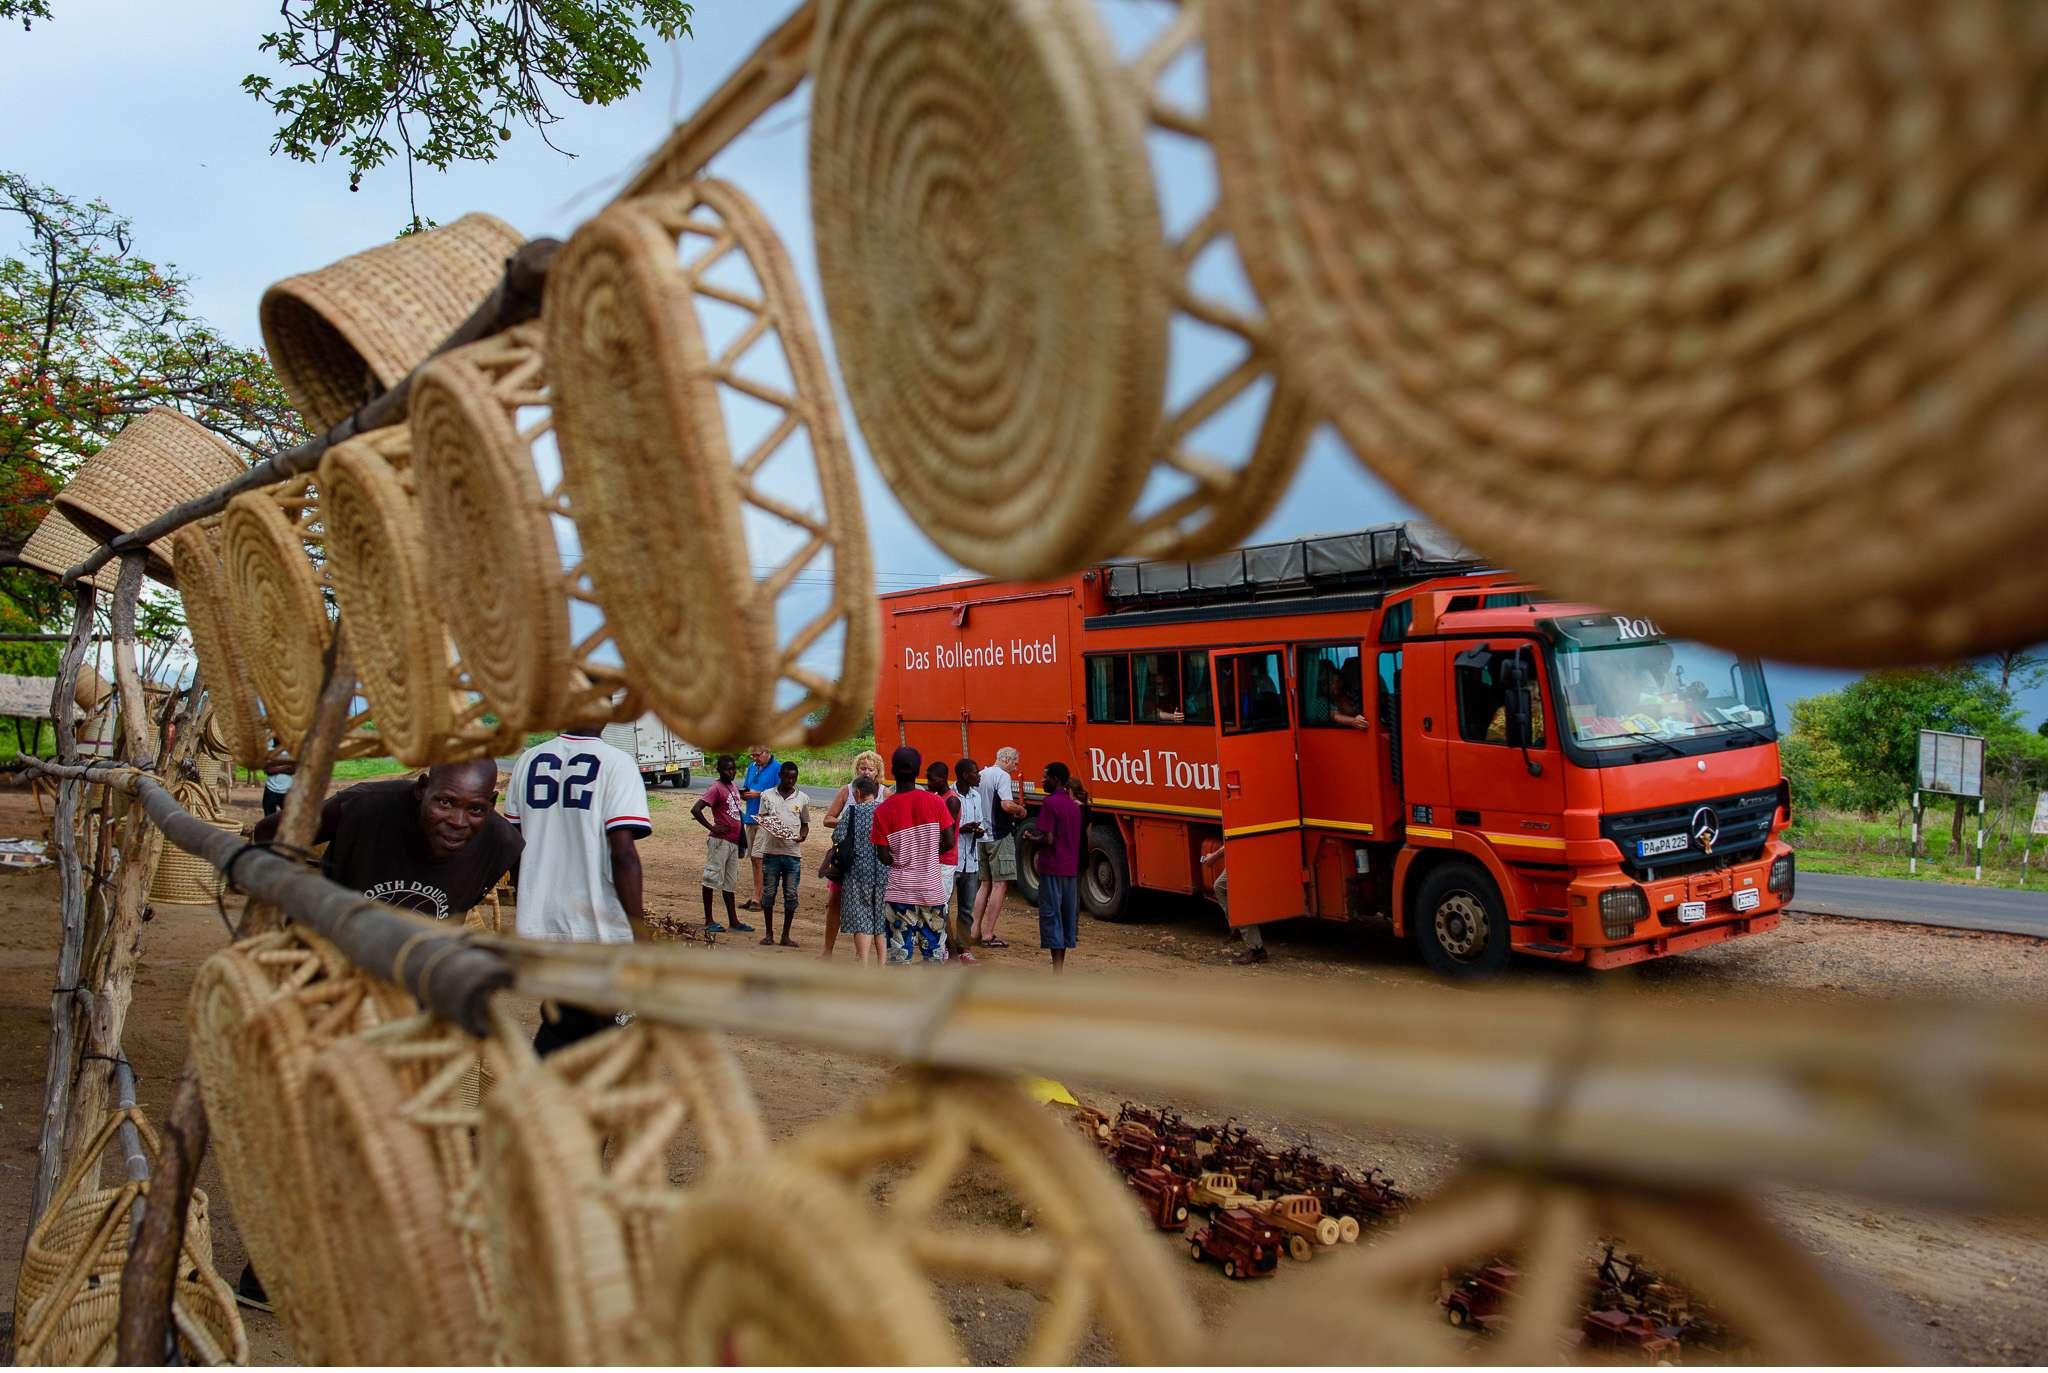 Malawi-Quer durch Afrika- Geschichten von unterwegs by Marion and Daniel-44